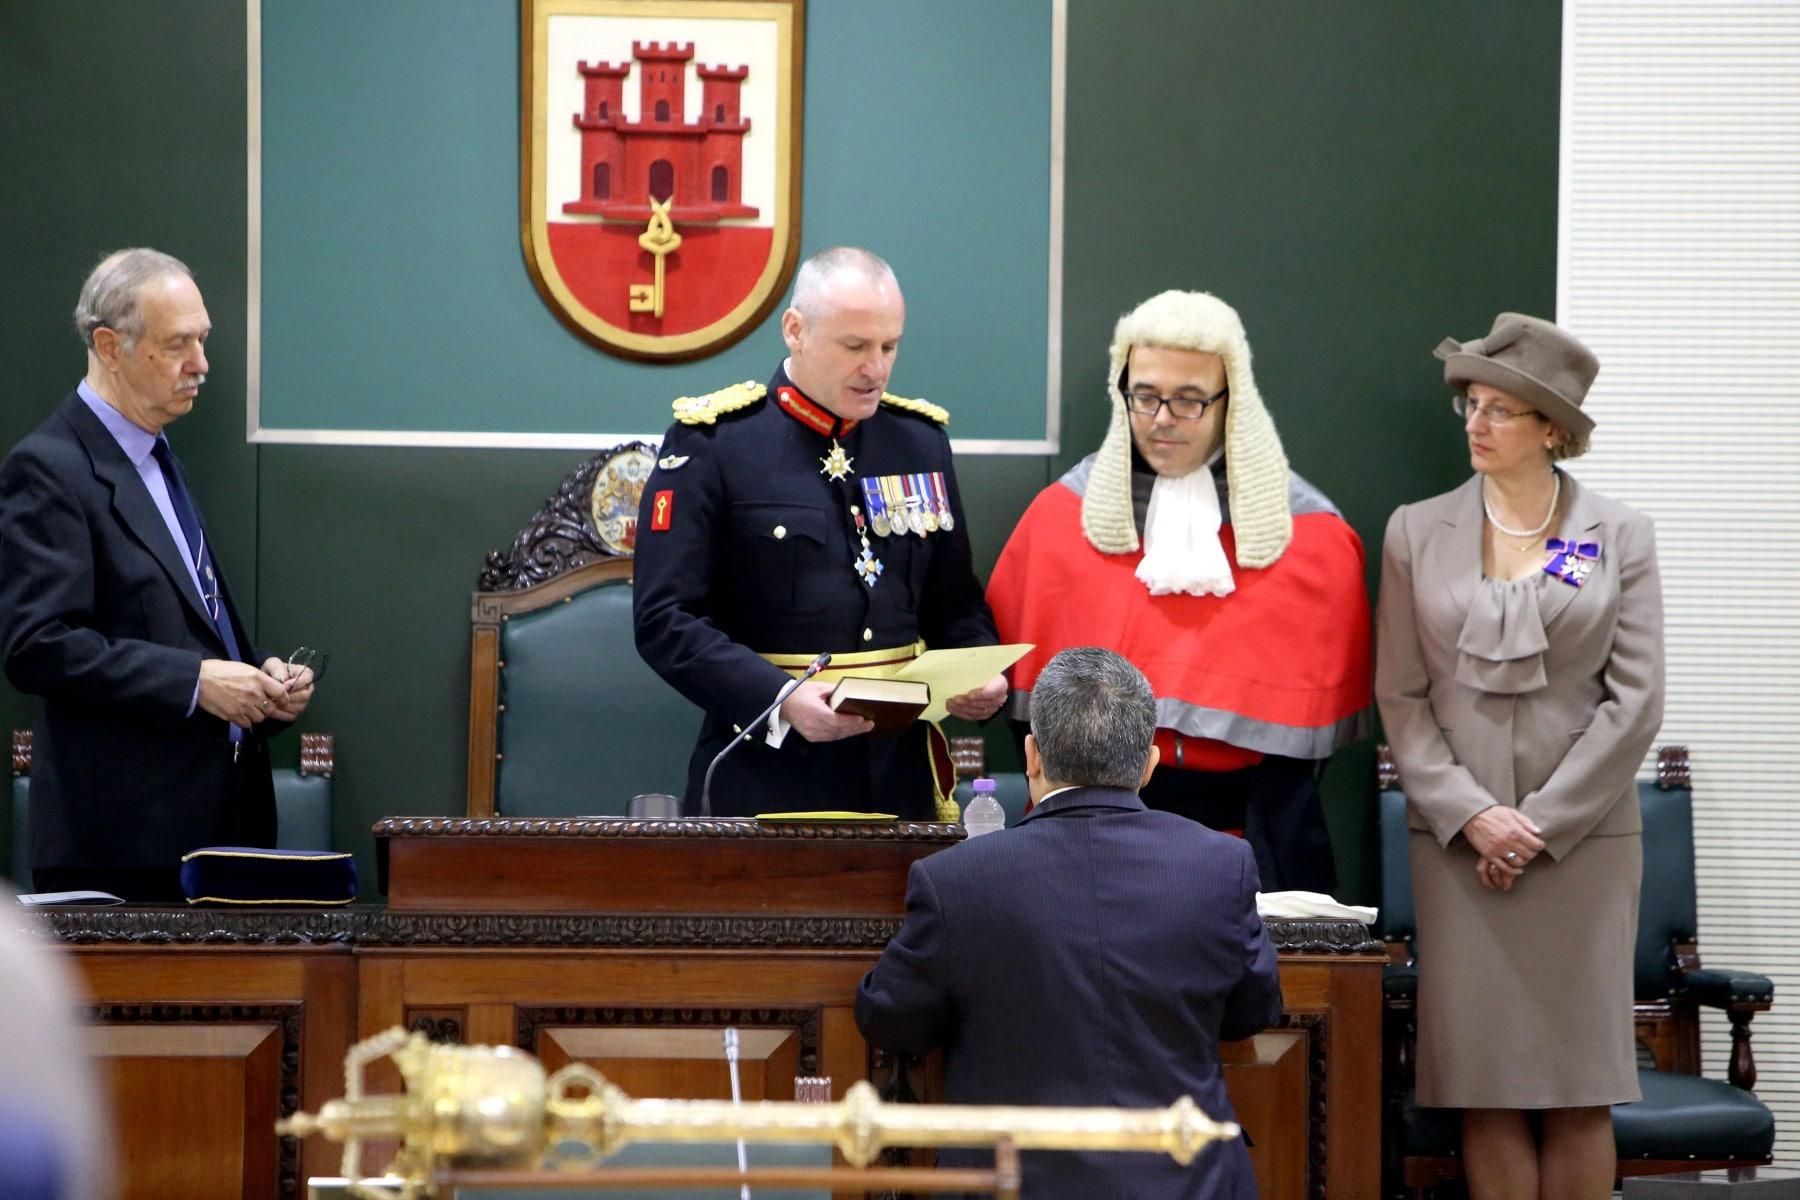 gobernador-de-gibraltar-edward-davis_24129254149_o